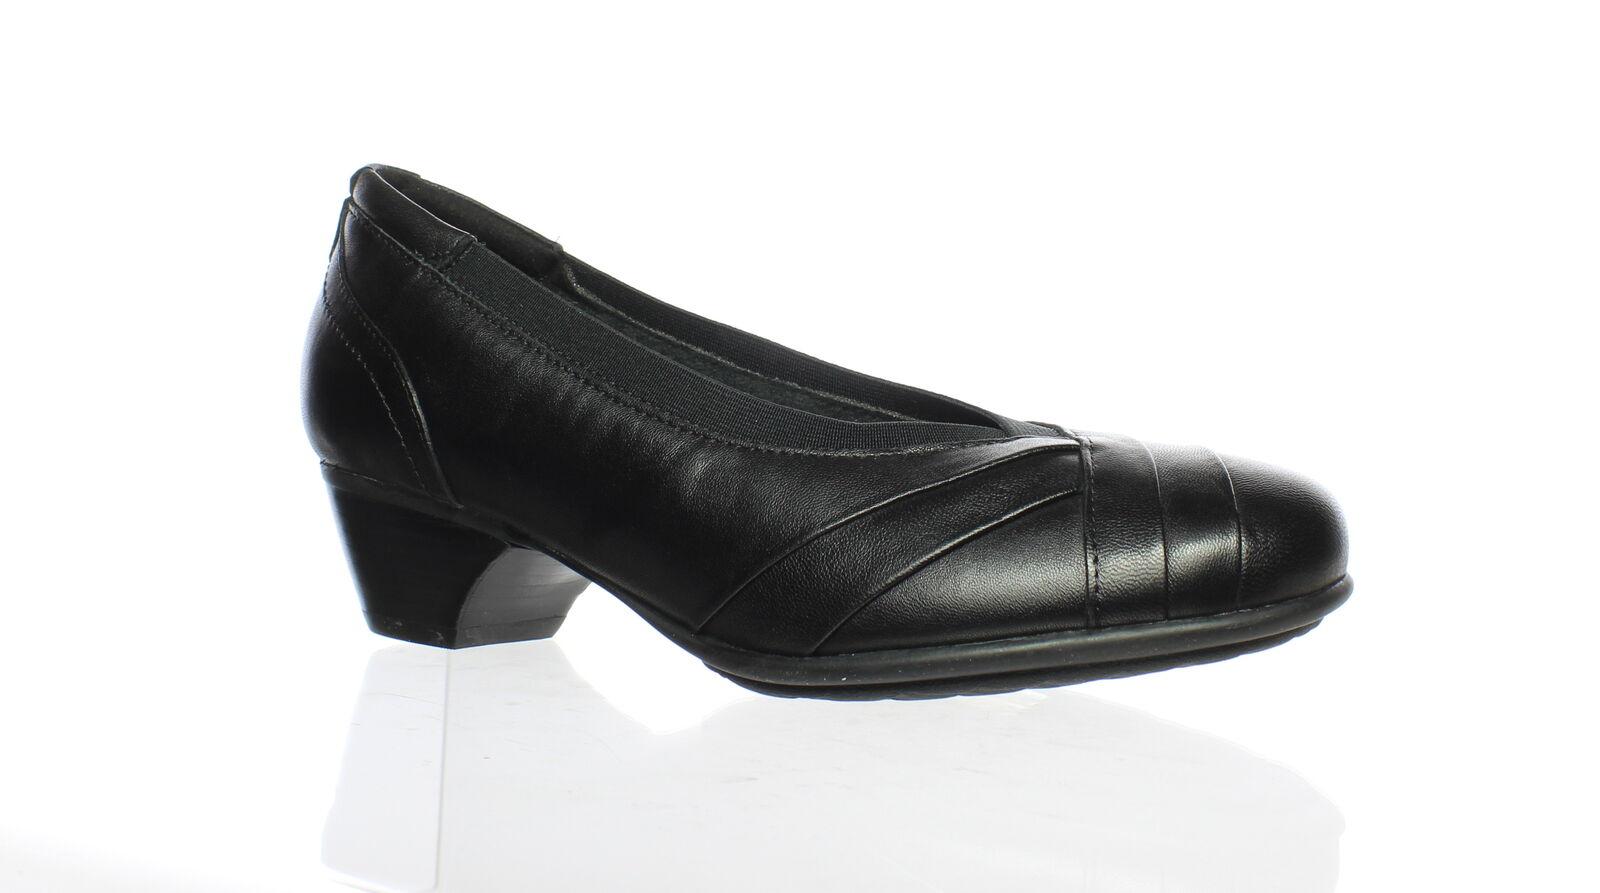 Aravon Womens Patsy Black Snake Pumps Size 6.5 (611064)